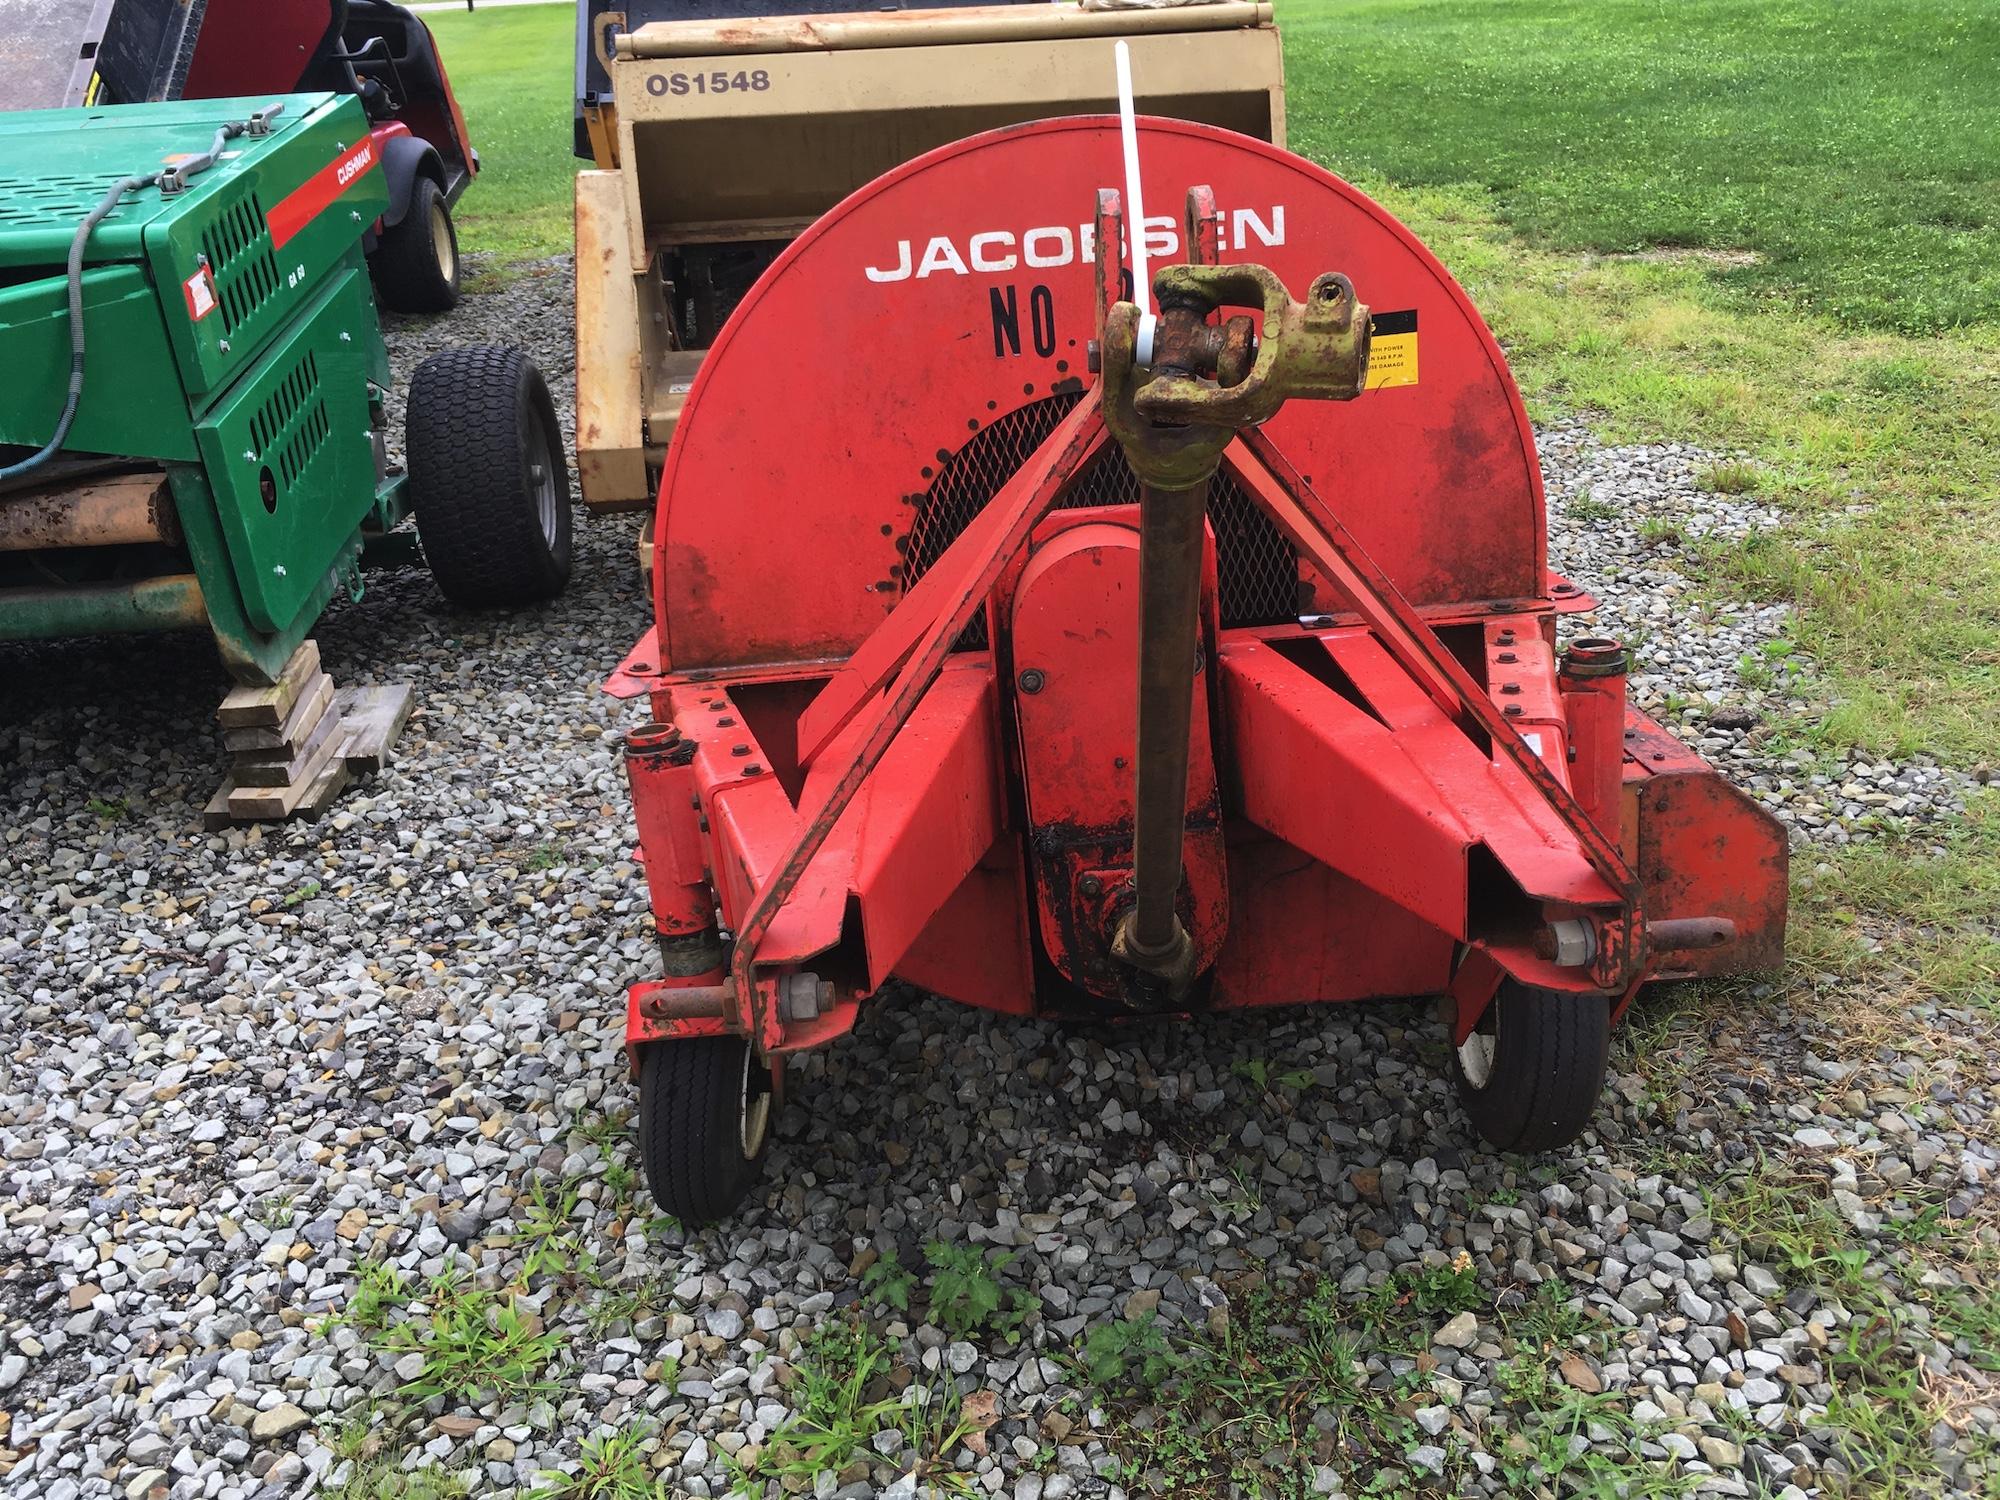 Jacobsen-B40-3pt-PTO-Blower-02